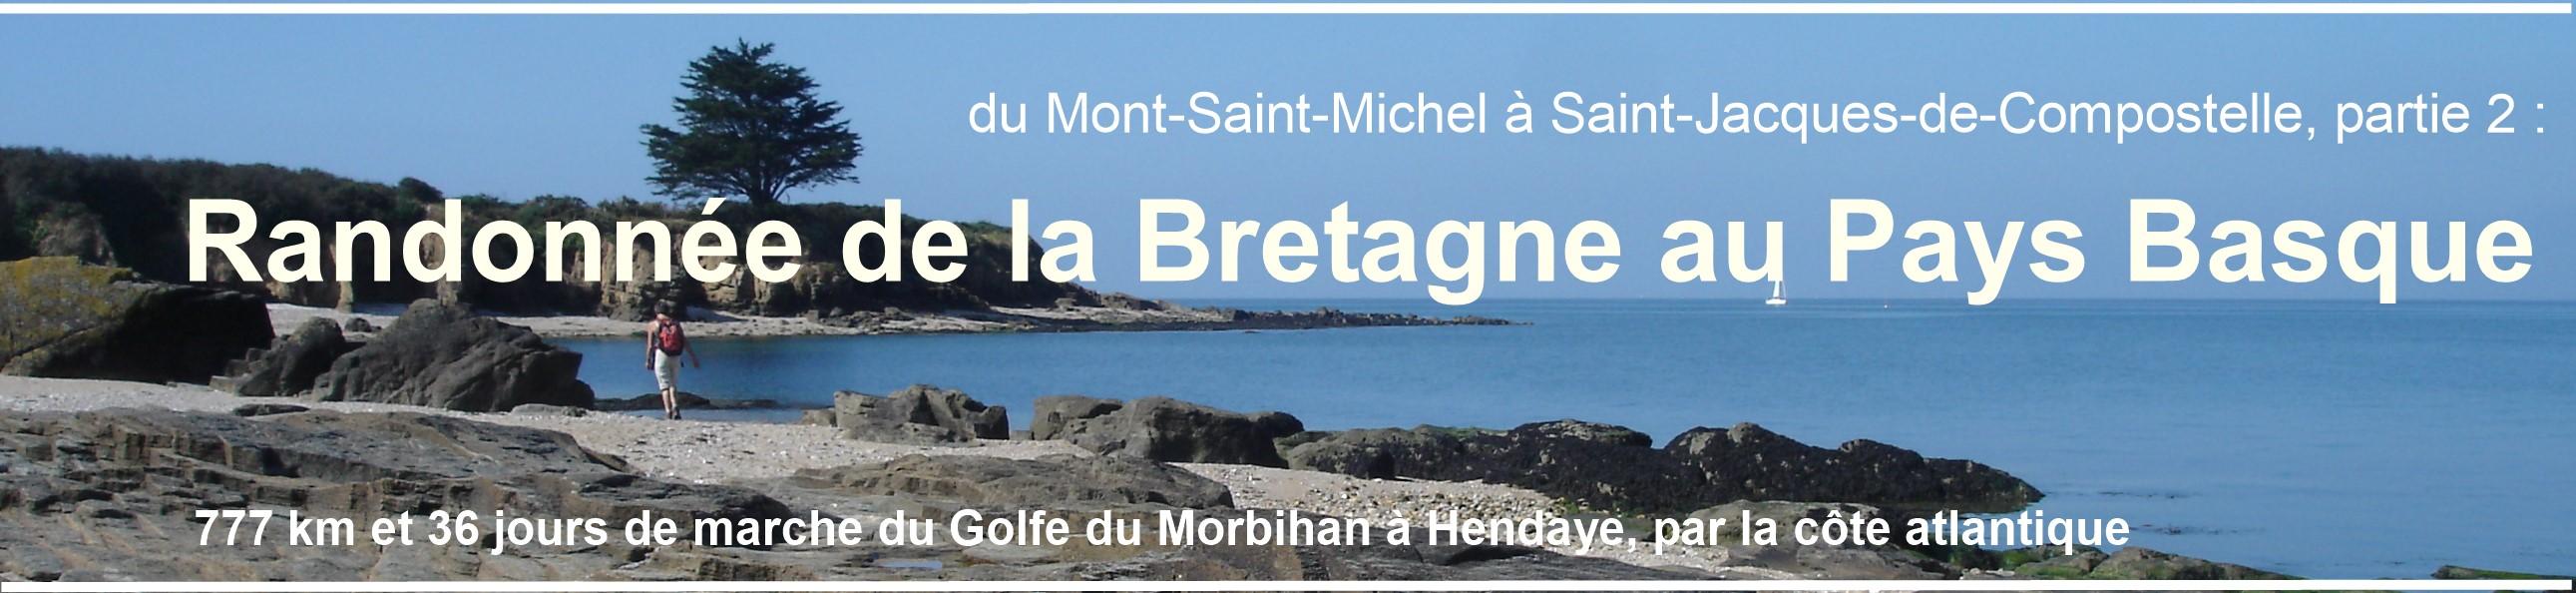 deuxième partie de la randonnée commencée au Mont-Saint-Michel :